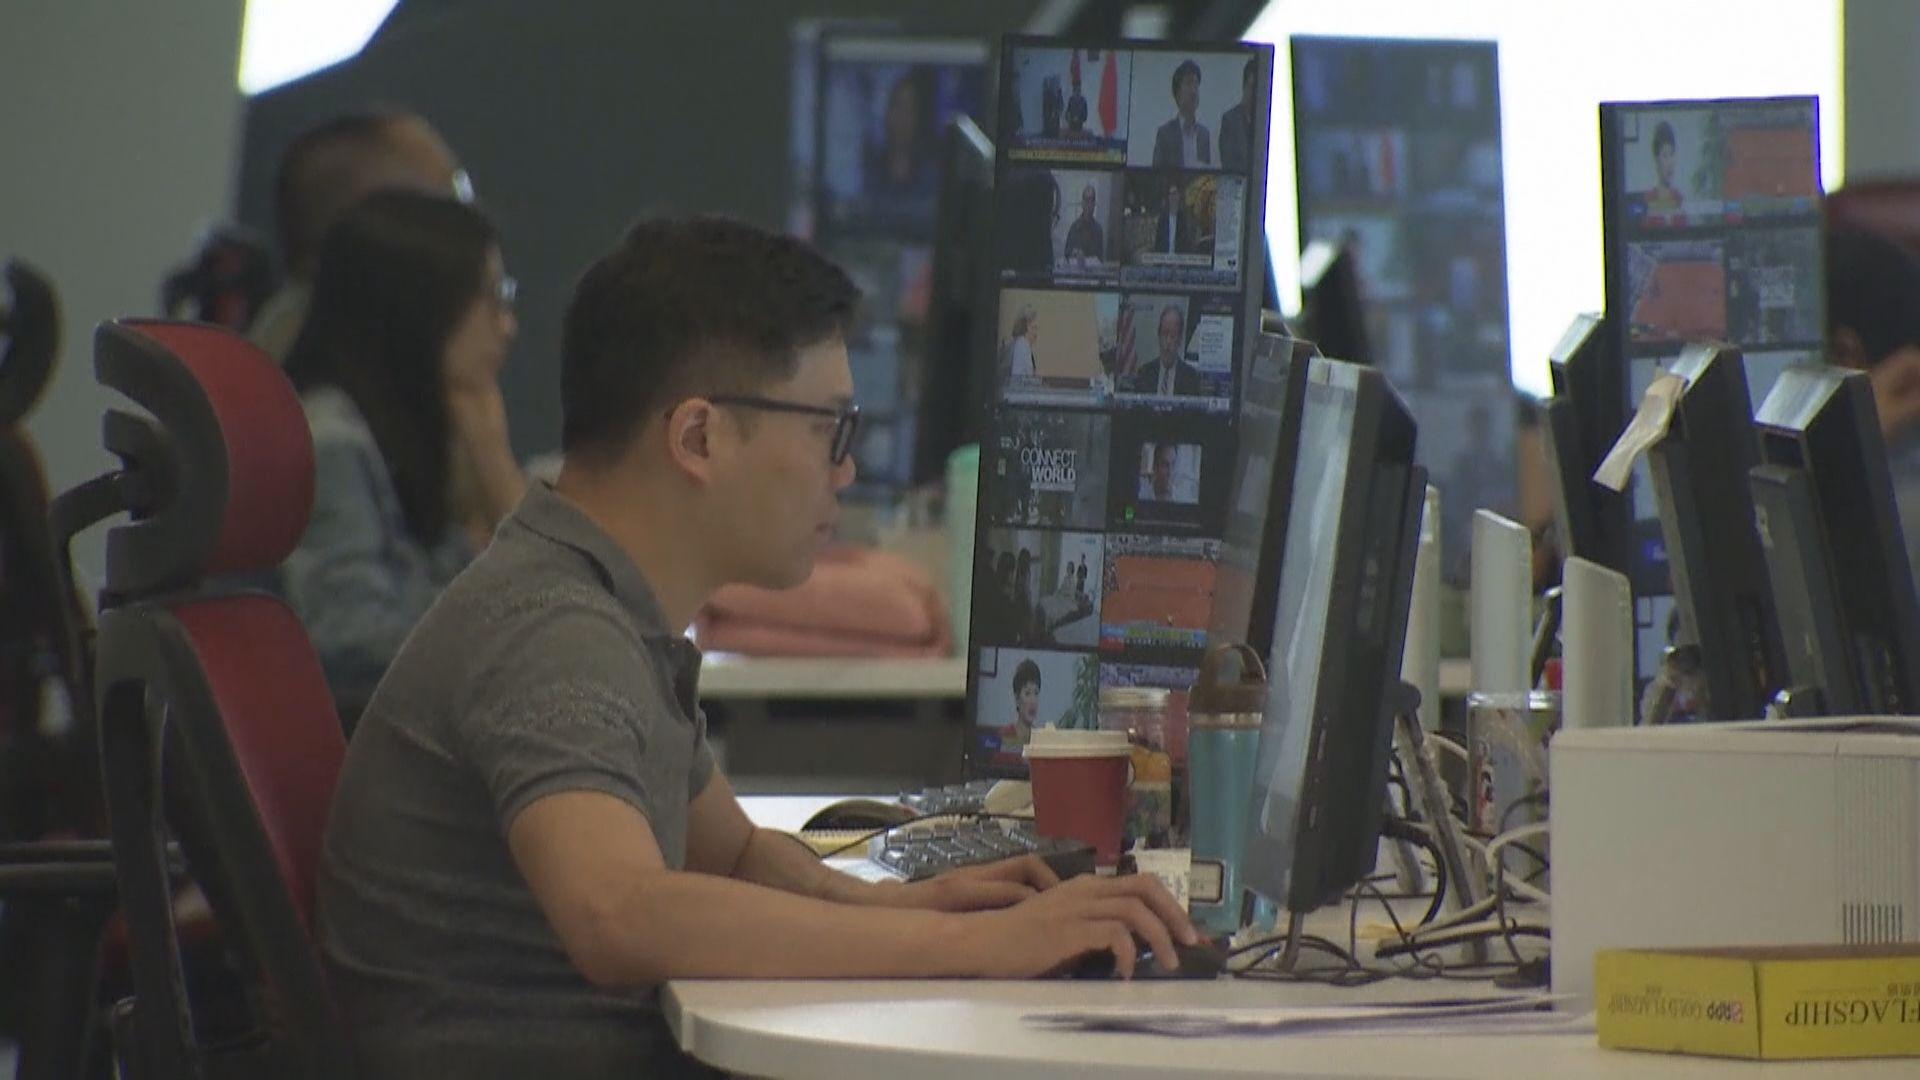 中國駐美媒體被列作「外國使團」 需呈報僱員名單